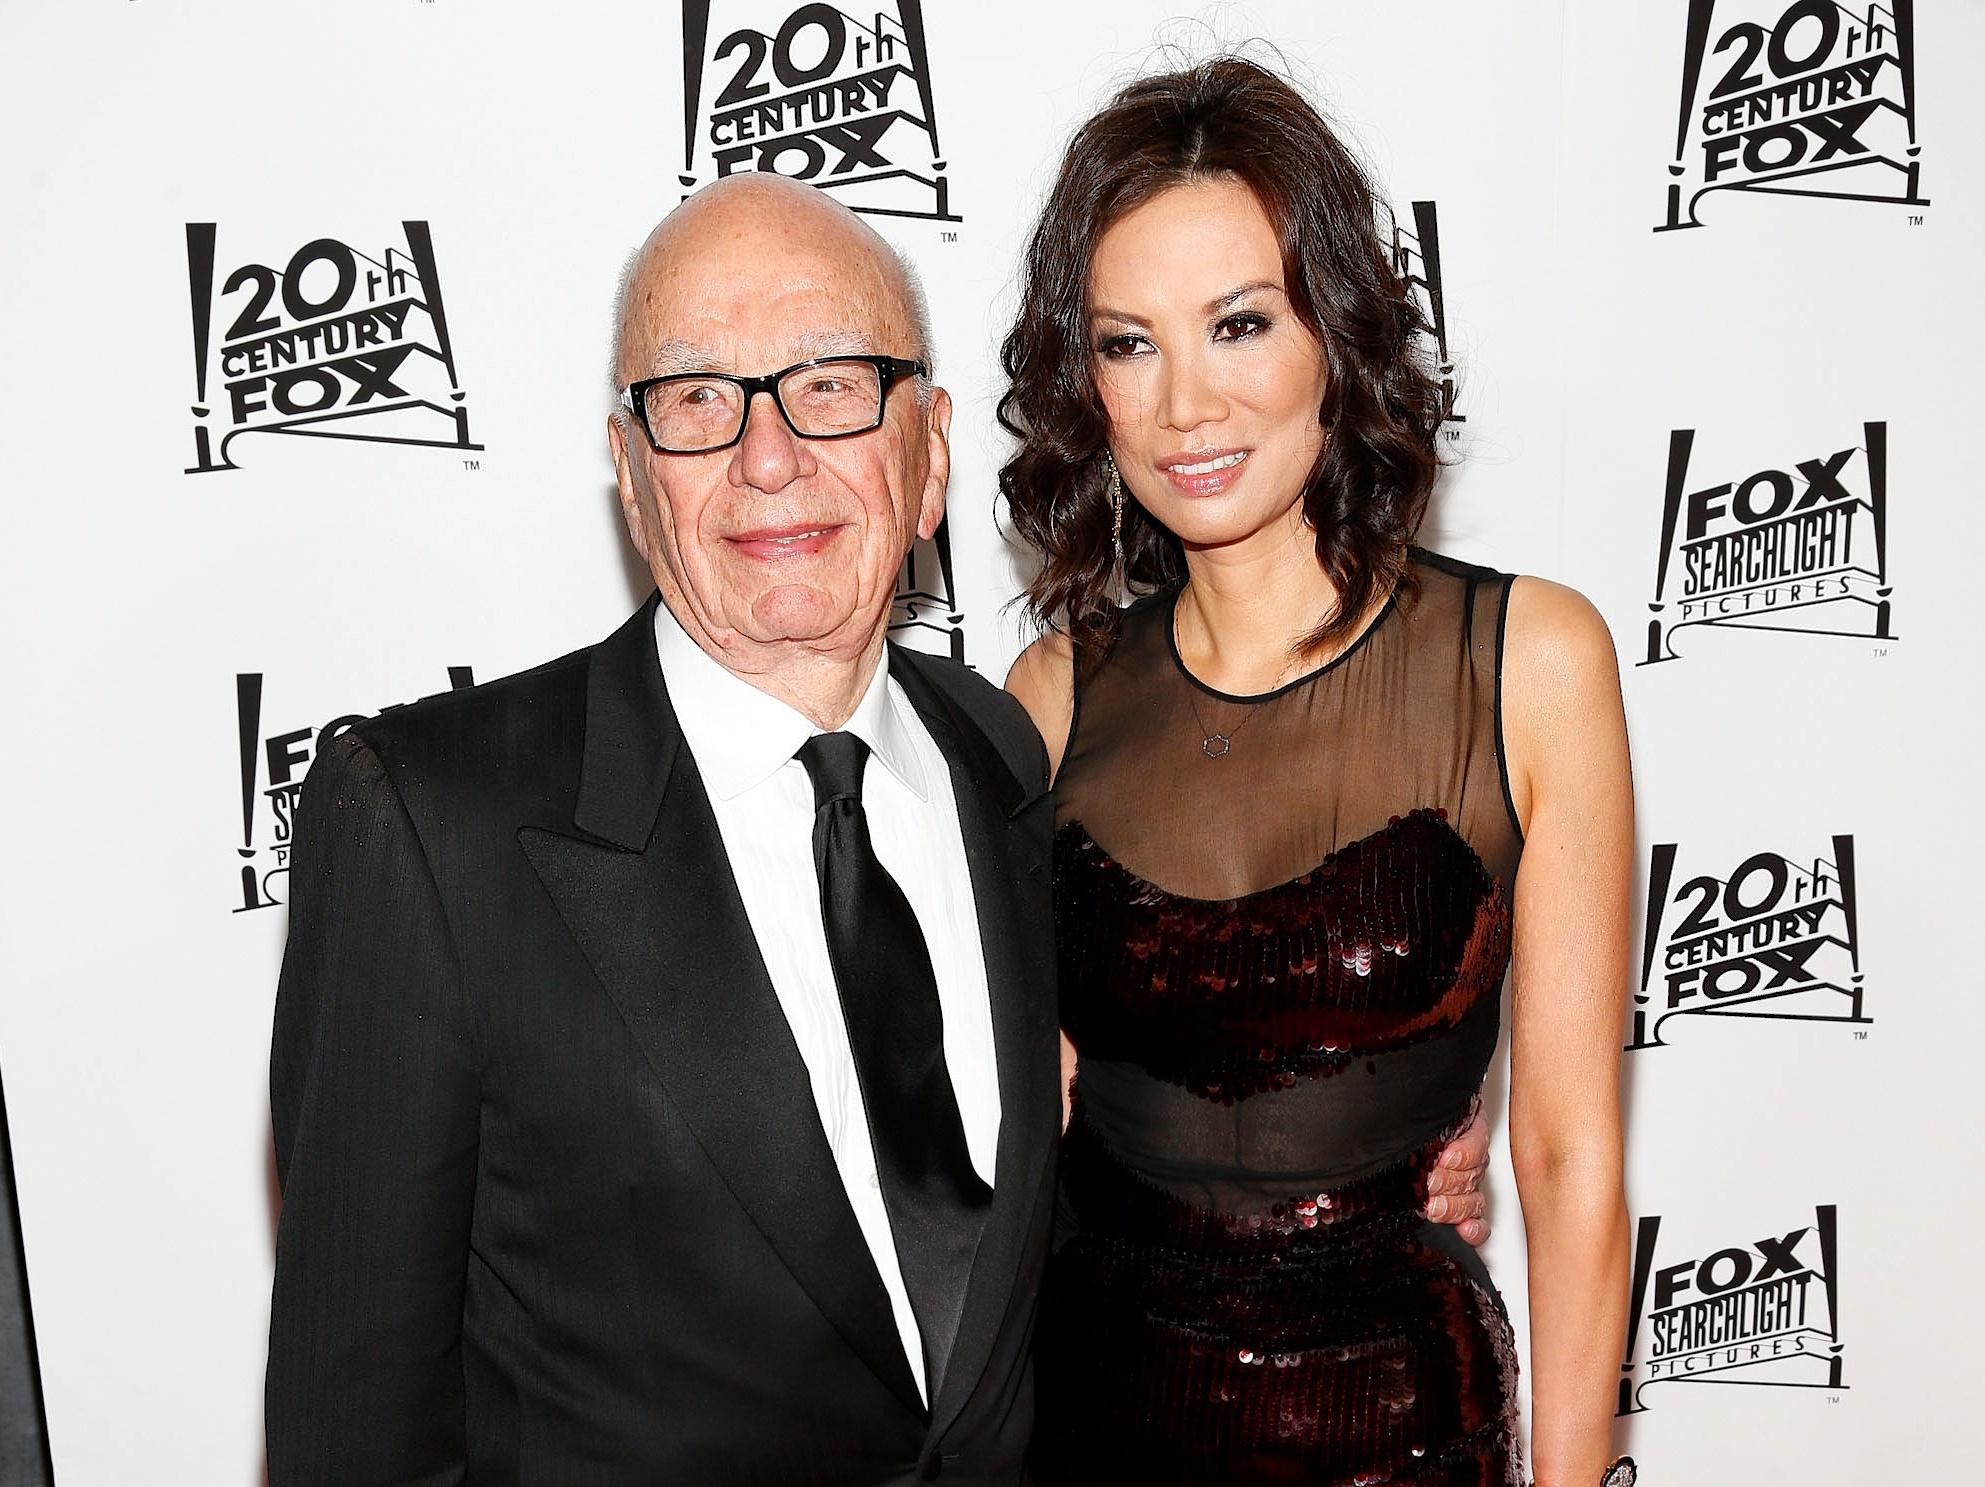 Multimilliardär: Rupert Murdoch trennte sich von chinesischer Ex-Frau wegen Spionage